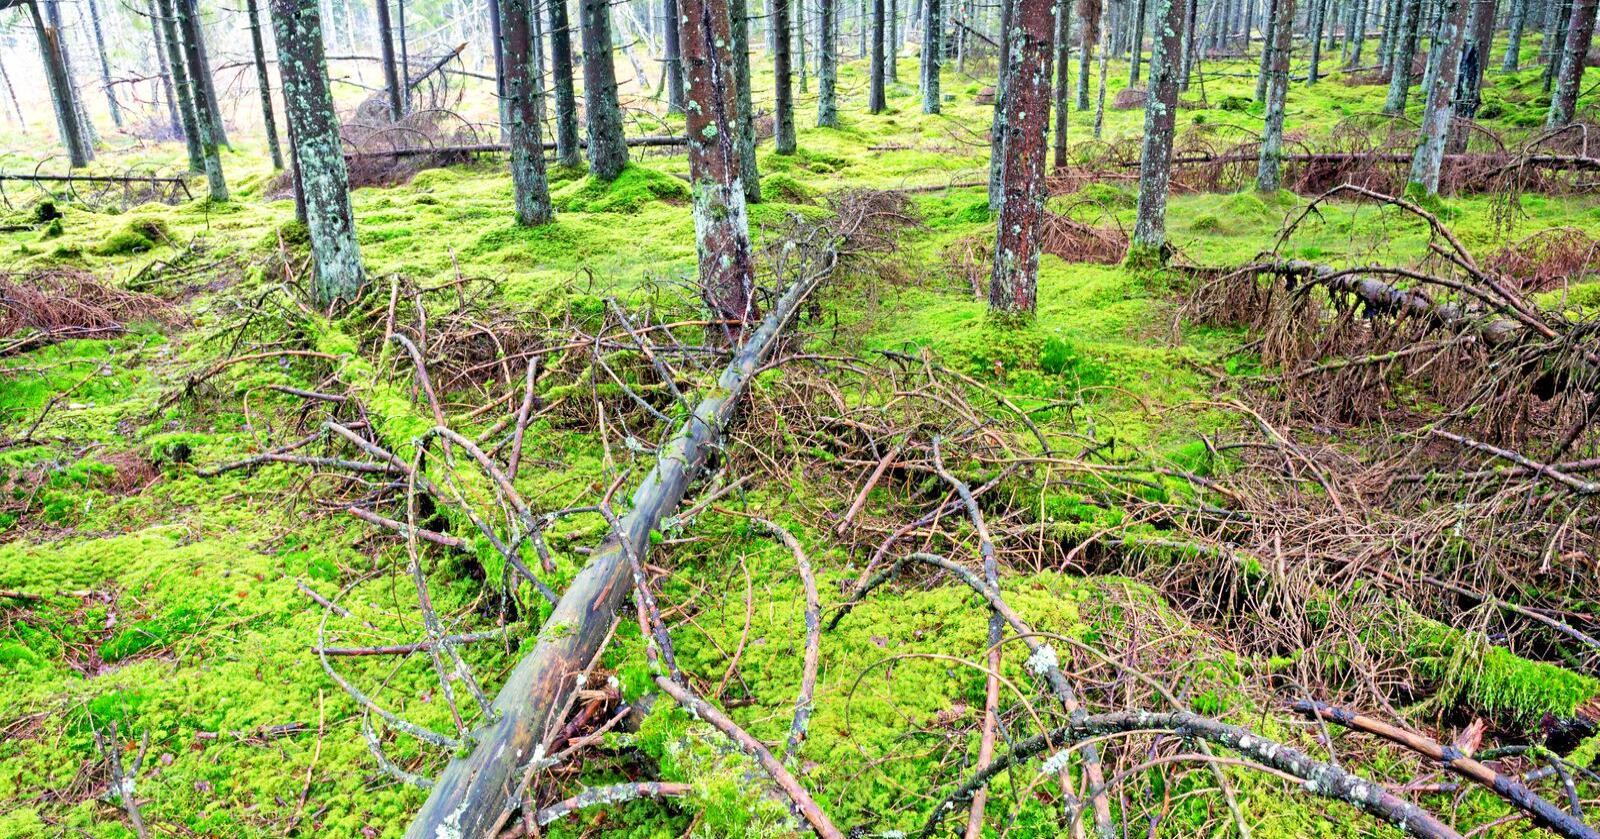 Artmangfoldet truet: Mye av den døde veden blir i dag fraktet bort og utnyttet blant annet til biodrivstoff. Dette truer artsmangfoldet av blant annet insekter og sopp i skogen. Foto: Mostphotos